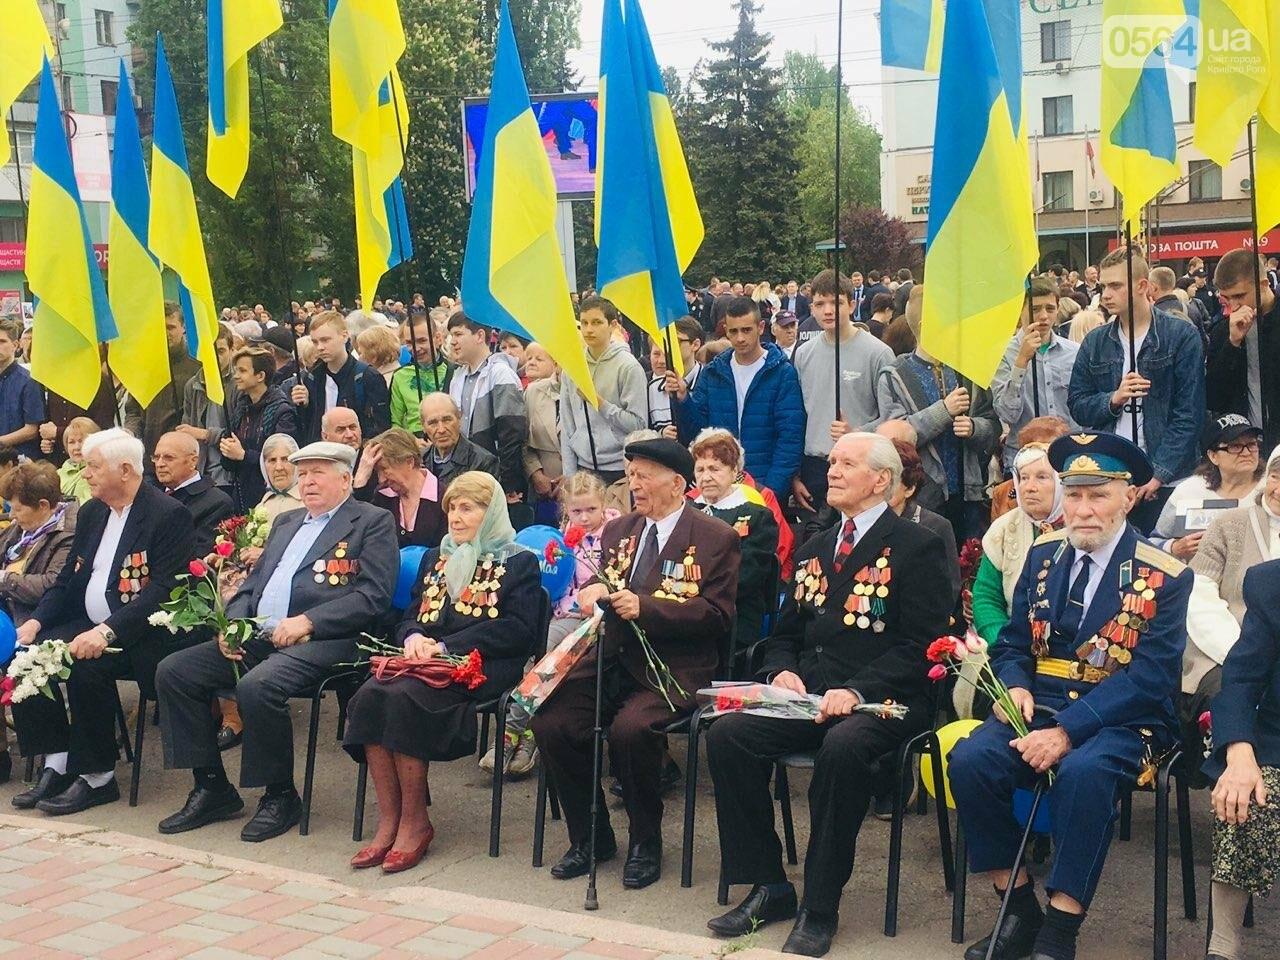 """9 мая в Кривом Роге: """"Марш мира"""" в Покровском районе стал самым массовым мероприятием, - ФОТО, фото-13"""